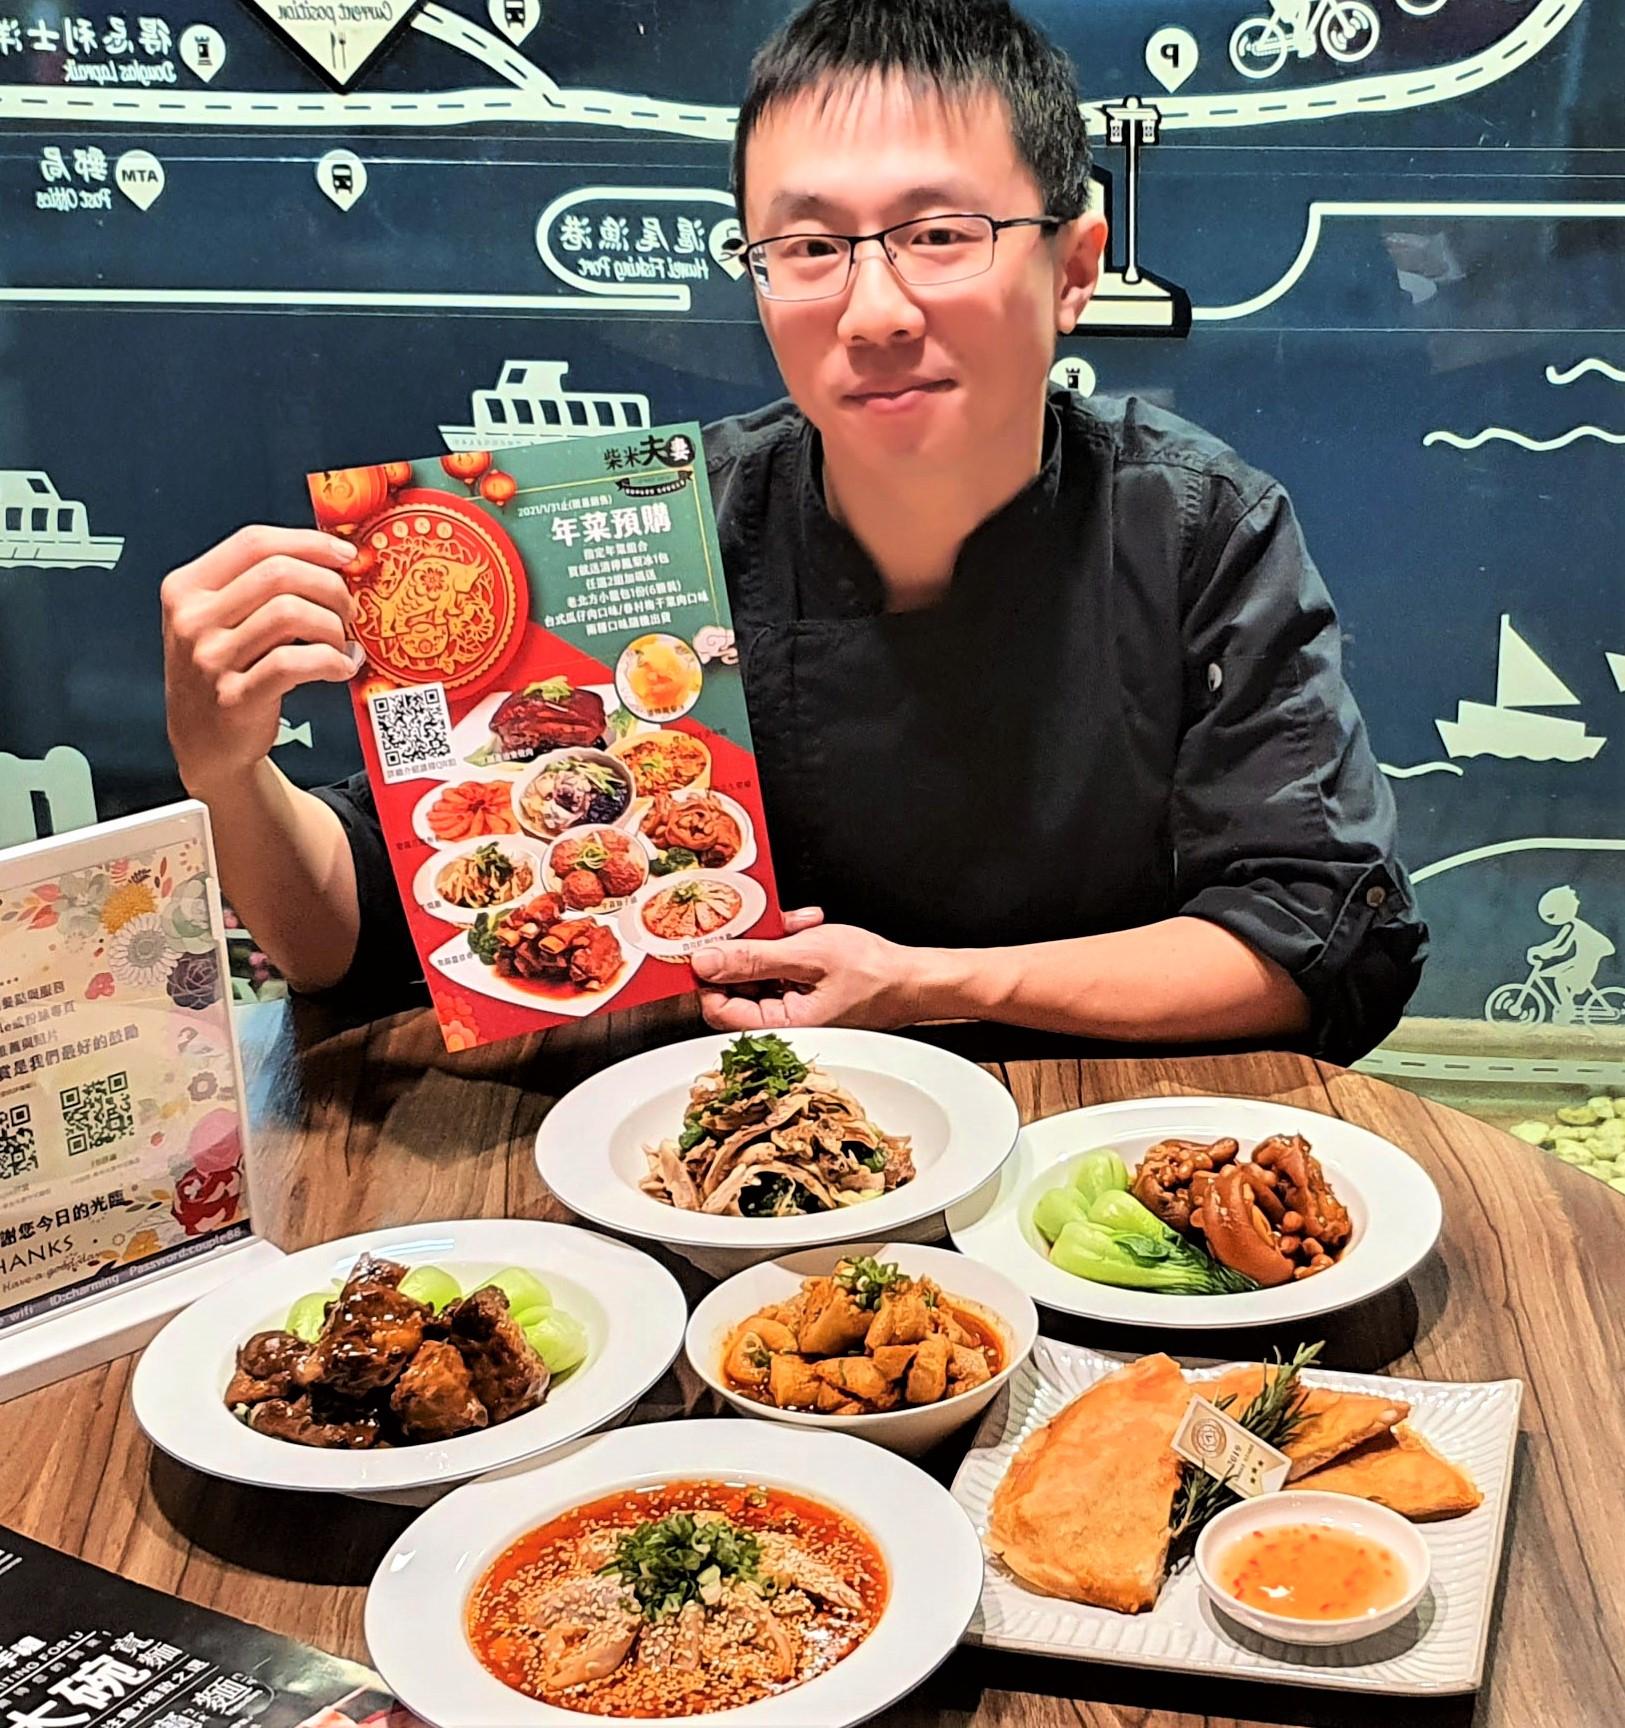 微型創業鳳凰計畫輔導商家--「柴米夫妻中式麵館」推出年菜預購